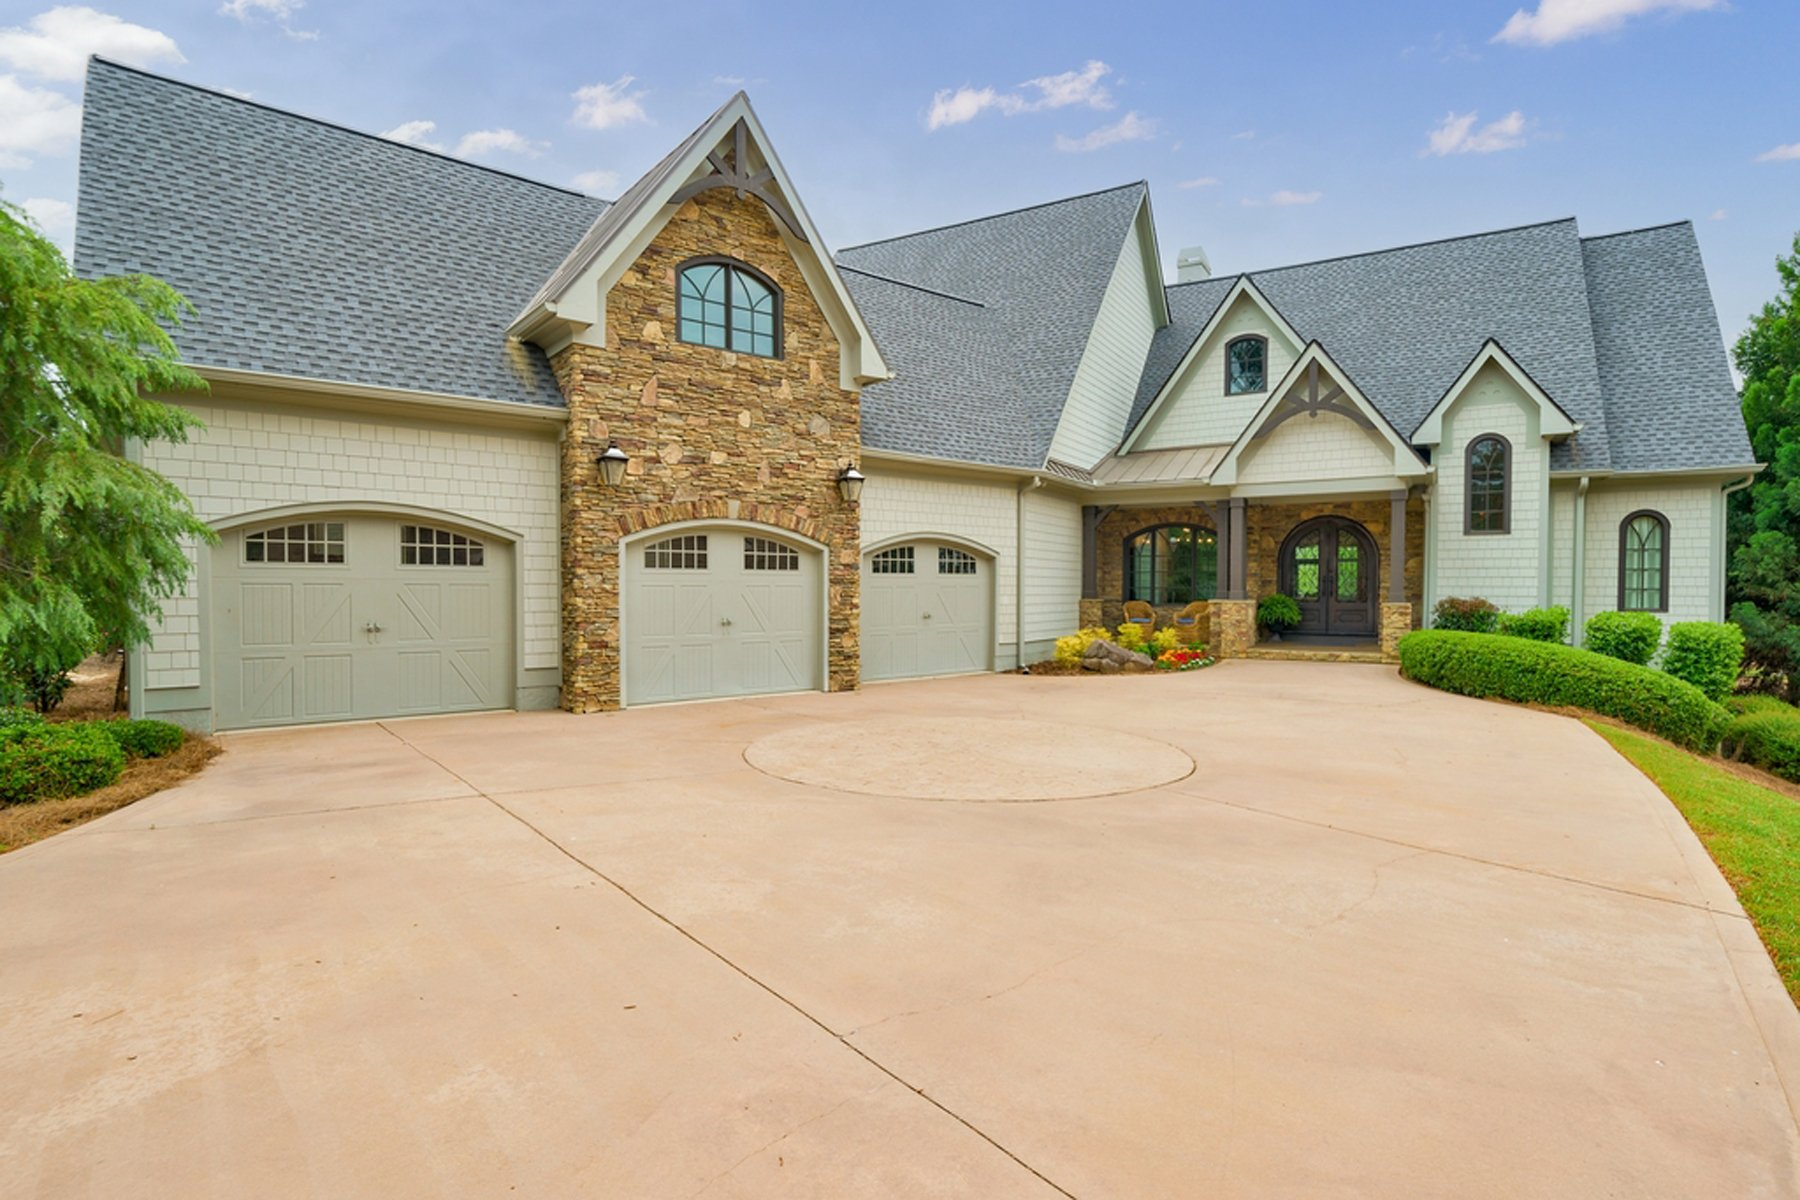 Casa a Eatonton, Georgia, Stati Uniti 1 - 11437038